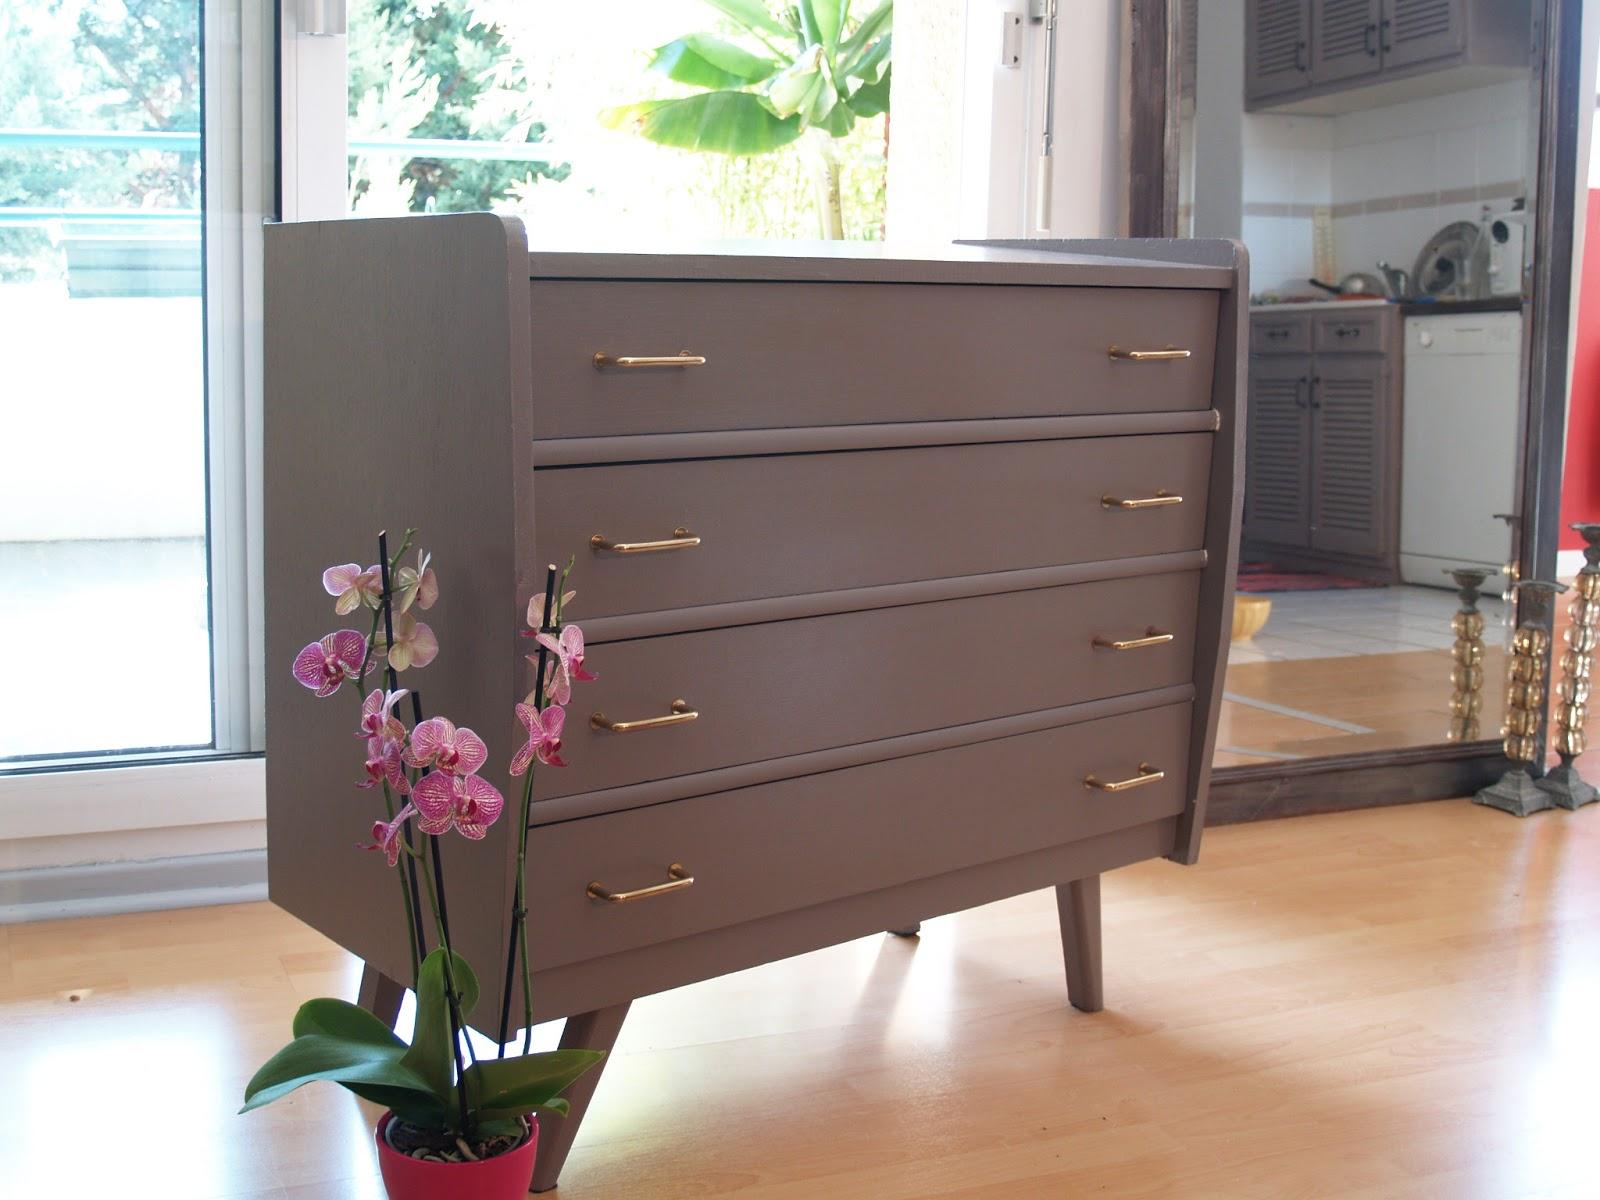 divin 39 id le blog d co des commodes et encore des commodes voici quelques unes des mes cr ations. Black Bedroom Furniture Sets. Home Design Ideas